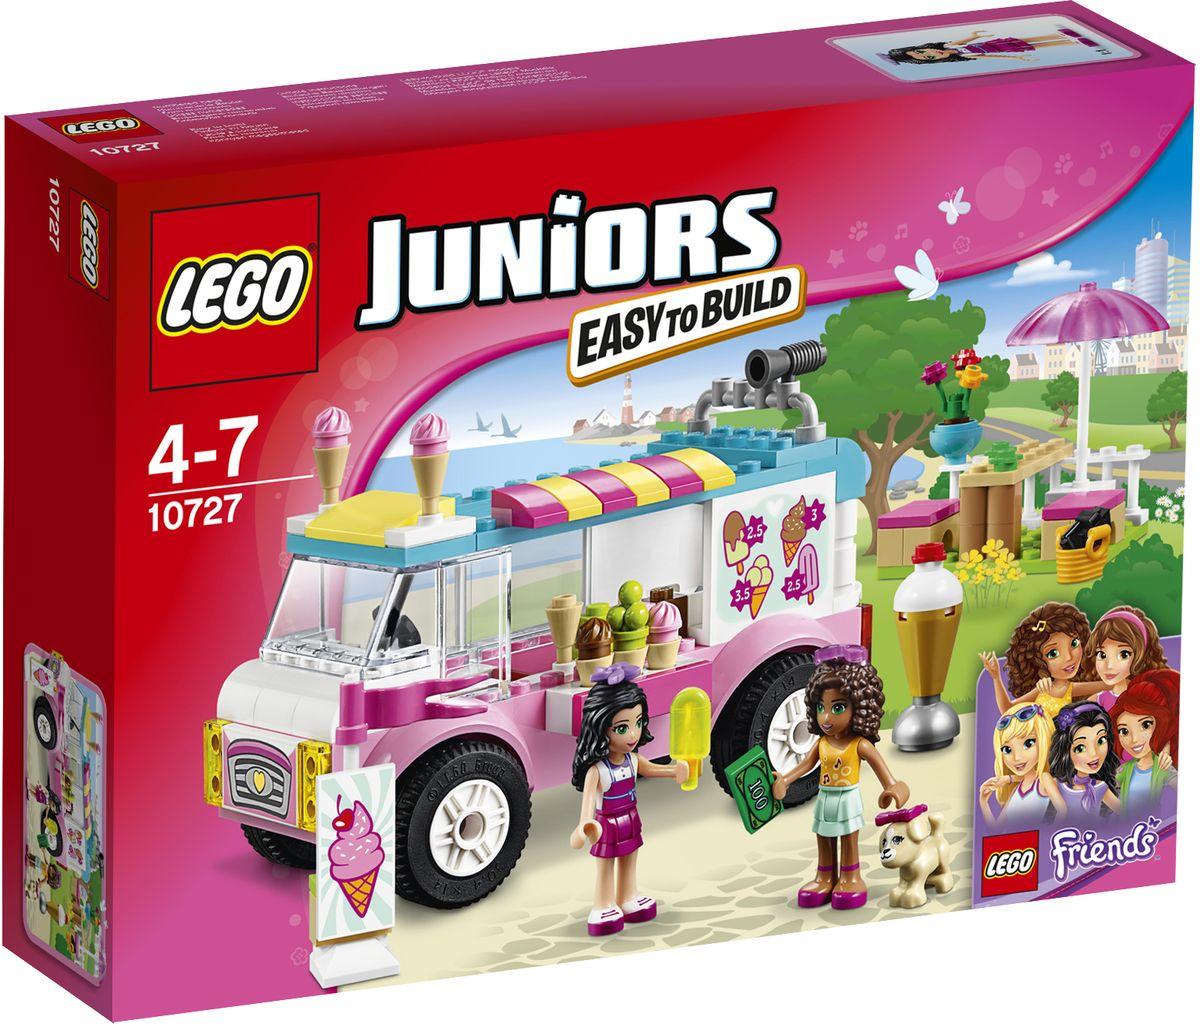 LEGO Juniors Конструктор Грузовик с мороженым Эммы 1072710727Вместе с Андреа отправляйтесь к тележке с мороженым Эммы, чтобы сделать этот солнечный денек прохладнее. Займите место за столиком и поболтайте с подружками, прежде чем отправиться обратно на пляж. Помогите Эмме убрать мусор и приготовиться к приходу новых покупателей. Лето - прекрасное время для прогулок с друзьями! Набор включает в себя 136 разноцветных пластиковых элементов. Конструктор - это один из самых увлекательных и веселых способов времяпрепровождения. Ребенок сможет часами играть с конструктором, придумывая различные ситуации и истории.